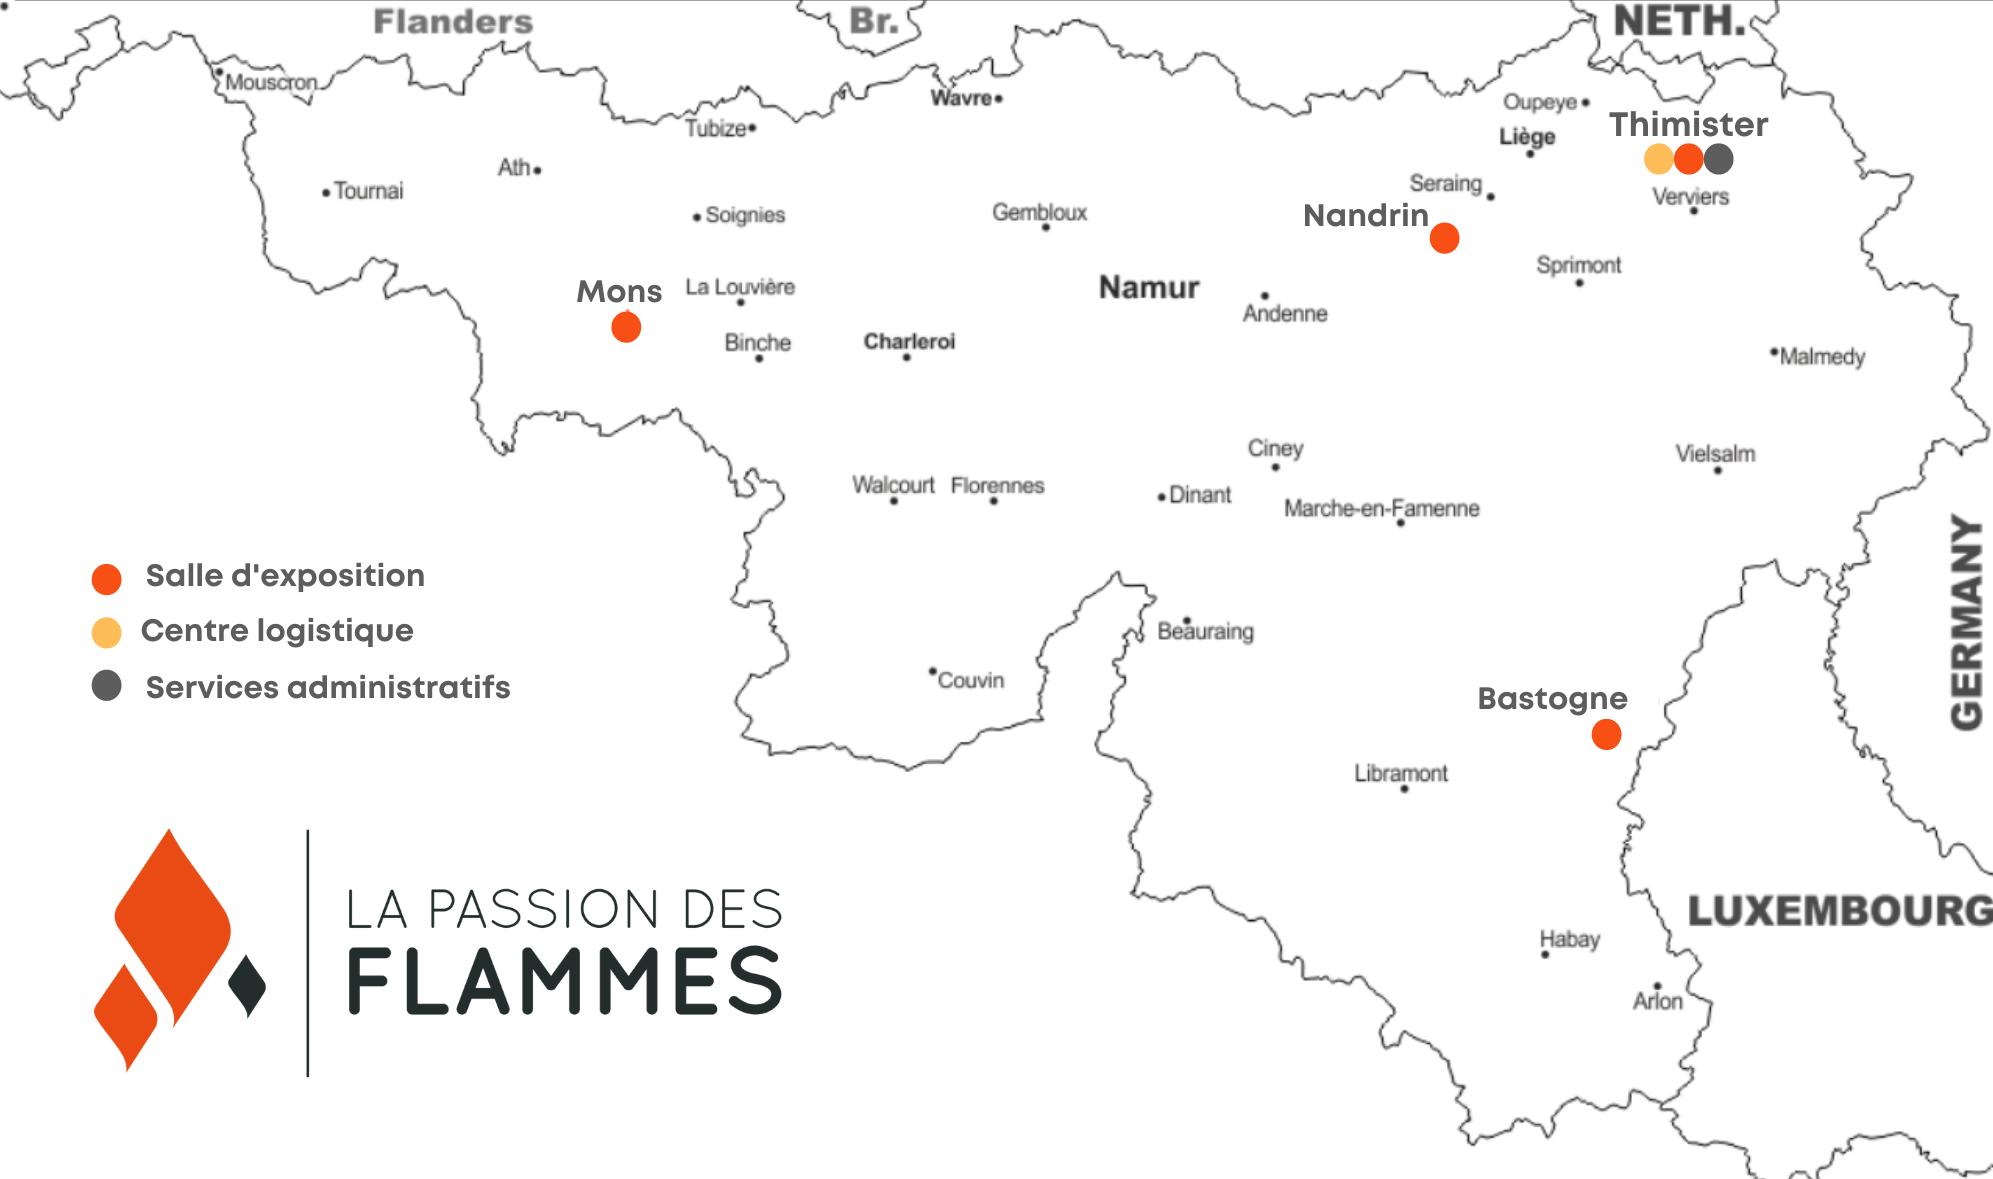 Carte magasins La Passion des Flammes